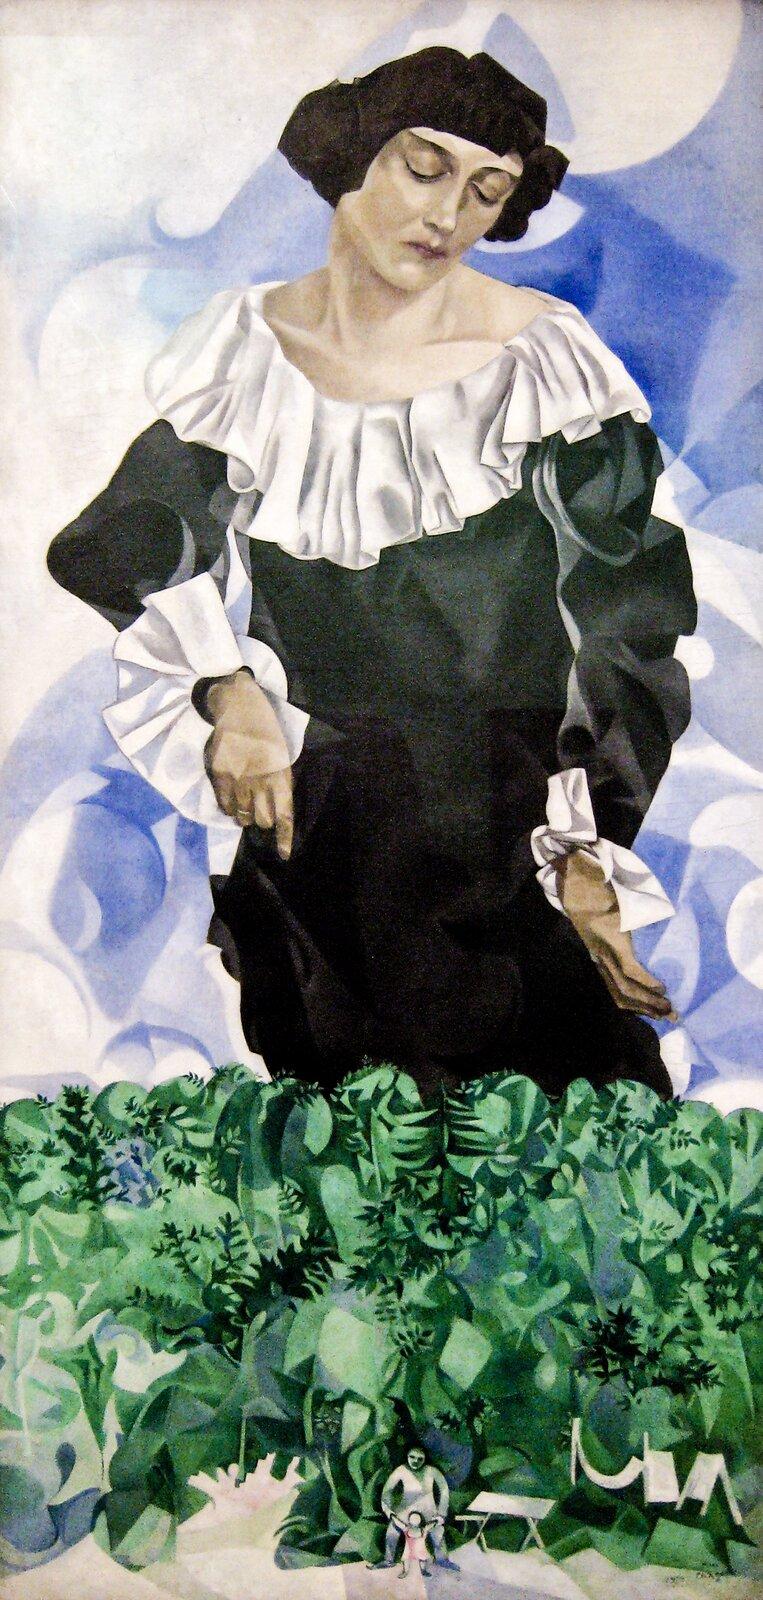 """Ilustracja przedstawia obraz olejny """"Piękna wbiałym kołnierzu"""" autorstwa Marca Chagalla. Wcentrum obrazu ukazana jest duża, ciemnowłosa kobieta wczarnej, długiej sukni zbiałym, falbaniastym kołnierzem imankietami. Wynurzająca się zzielonego lasu postać prawą dłonią lekko unosi spódnicę, smutno spoglądając wdół, gdzie pośród drzew namalowany został malutki mężczyzna bawiący się zdzieckiem. Obraz namalowany został prostymi, prawie geometrycznymi plamami kolorystycznymi, mimo to postać kobiety nosi cechy malarstwa realistycznego. Artysta namalował tą postać zdużą dbałością oszczegół ioddanie charakterystycznych cech jej wyglądu. Natomiast tło nieba, las oraz malutkie postacie mężczyzny idziewczynki zostały uproszczone, sprowadzone prawie do ornamentu. Dzieło utrzymane jest wchłodnej tonacji co podkreśla jego melancholijny nastrój."""